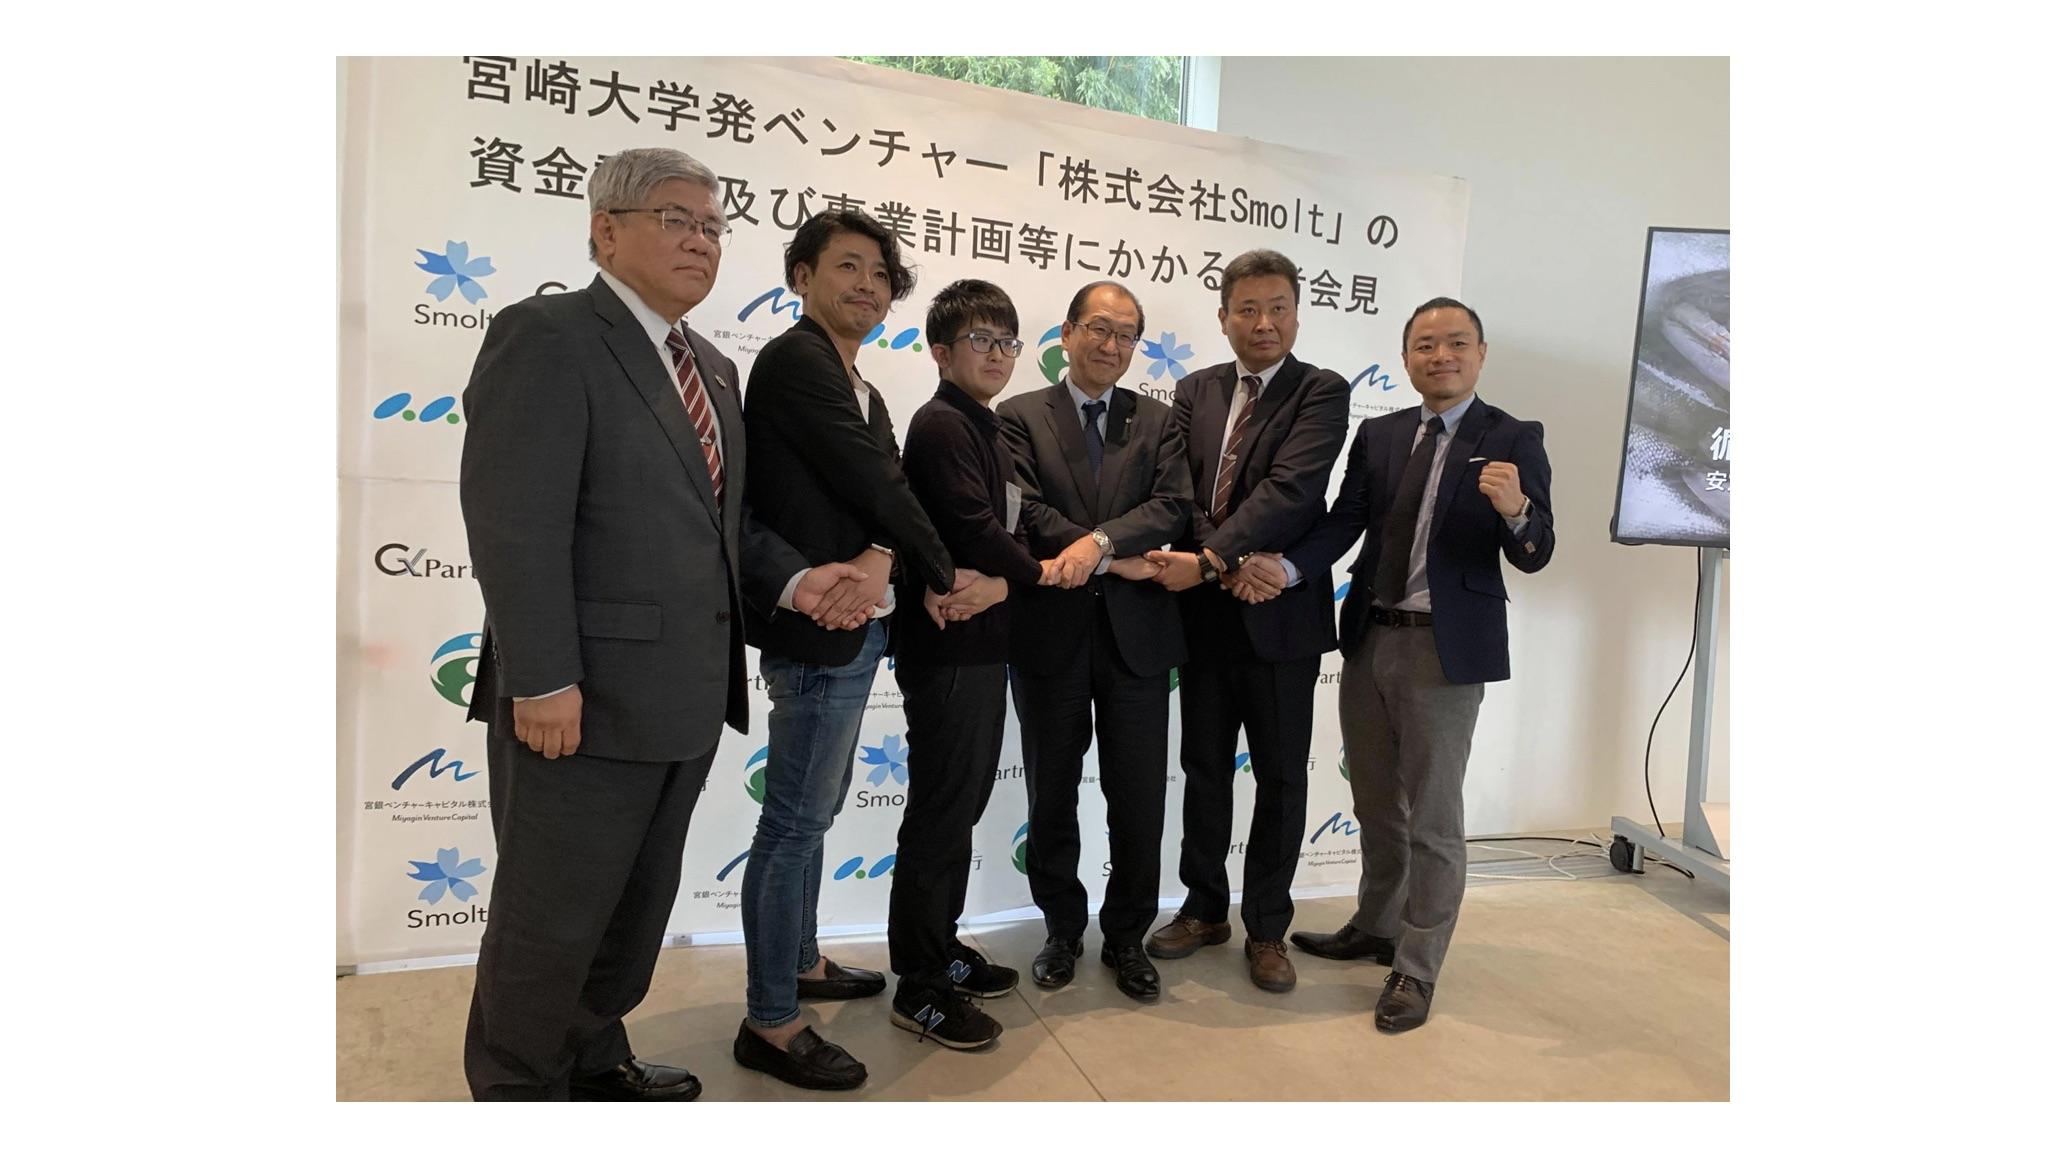 サクラマスの循環型養殖を行う宮崎大学発ベンチャーのSmolt、資金調達を実施